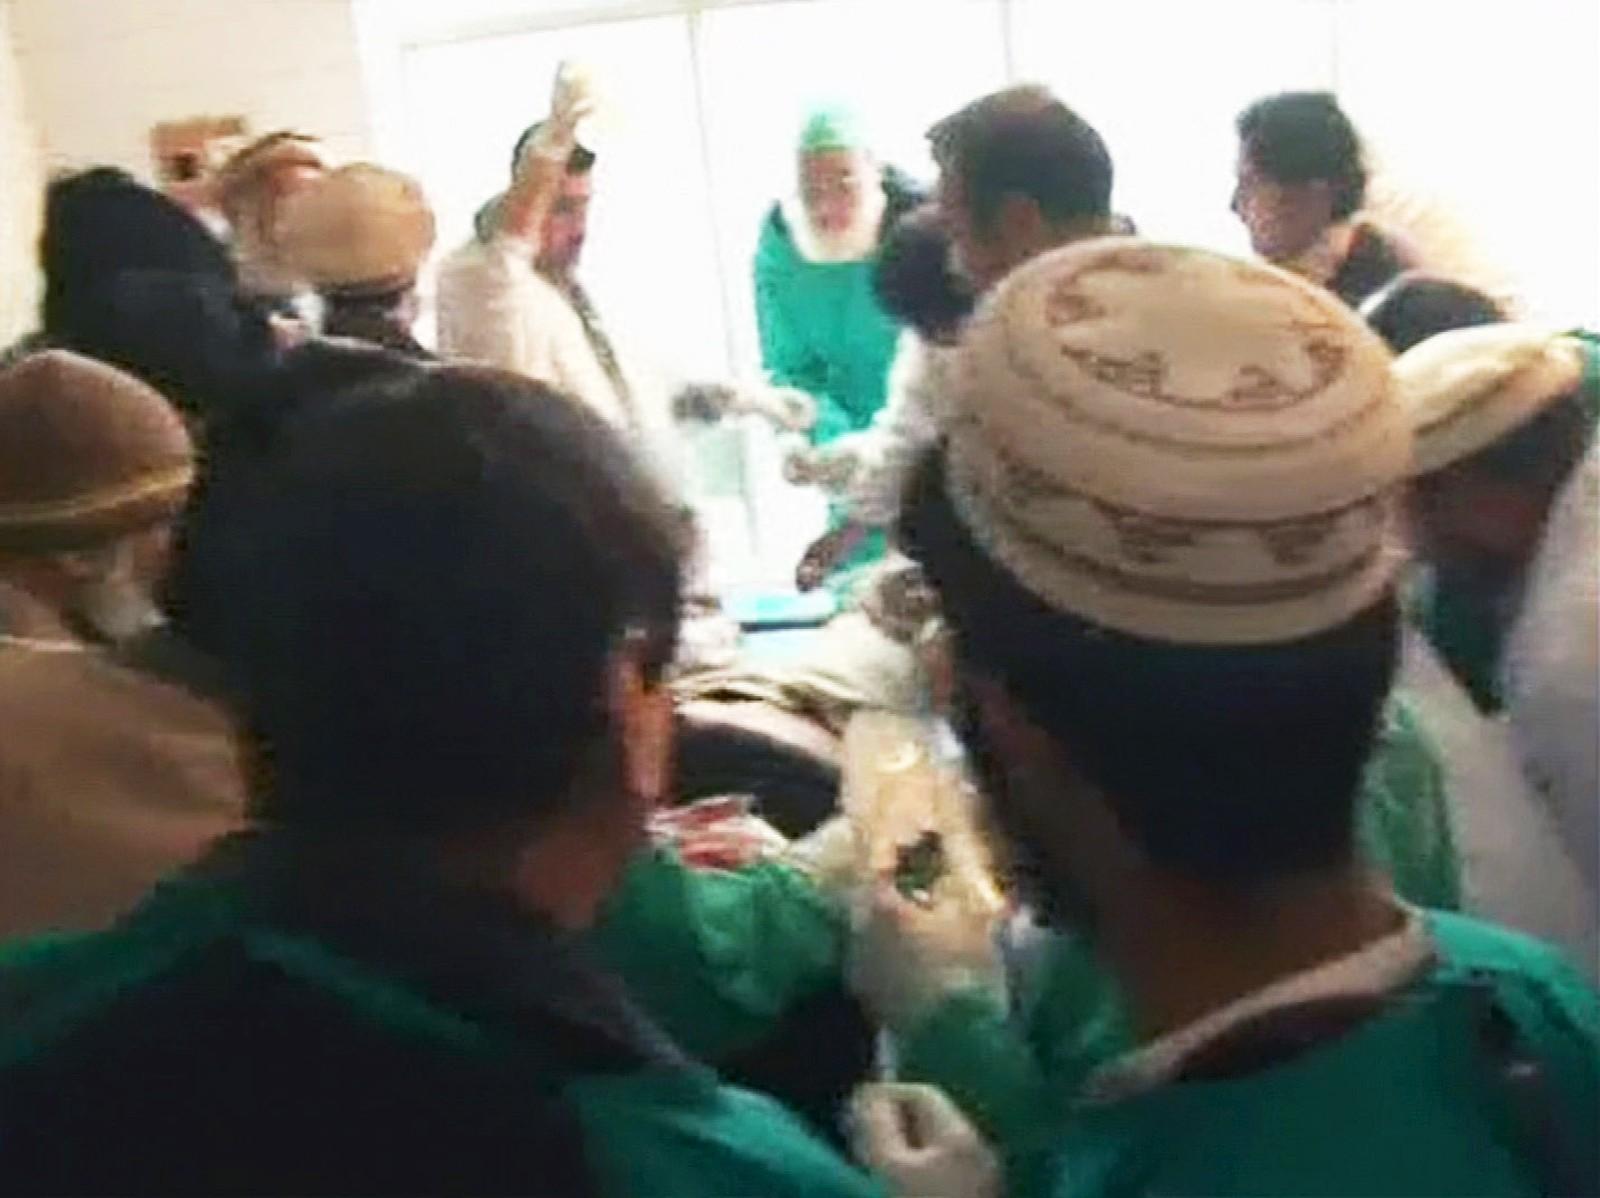 Helsepersonell hjelper såret person ved Bacha Khan-universitetet i Chasadda